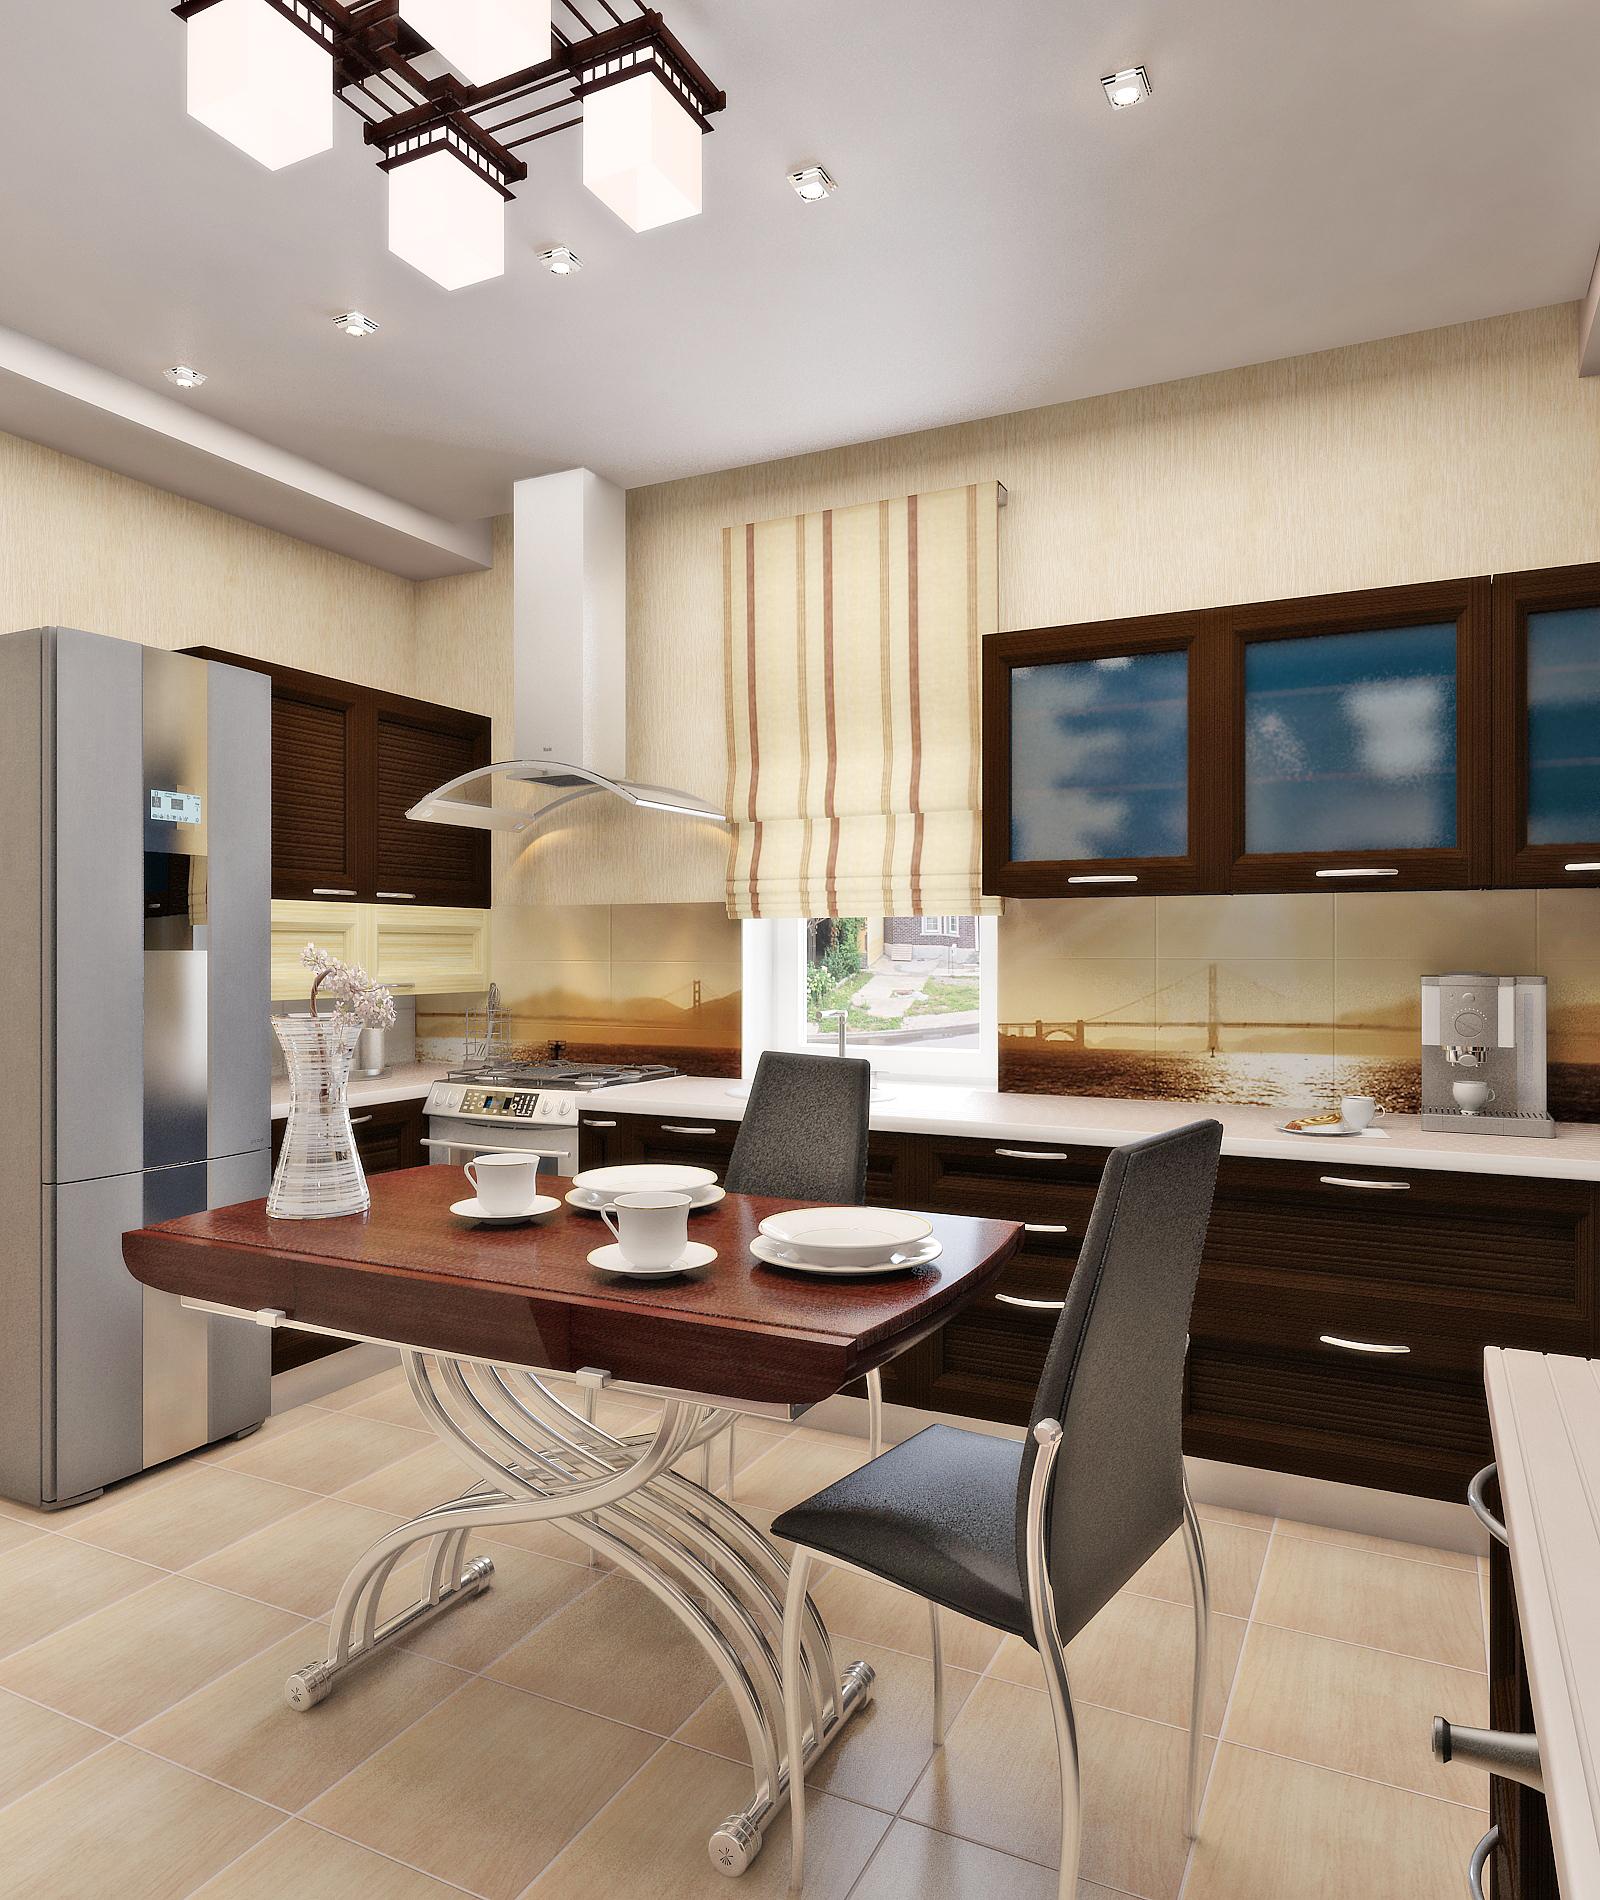 кухня дизайн-проект